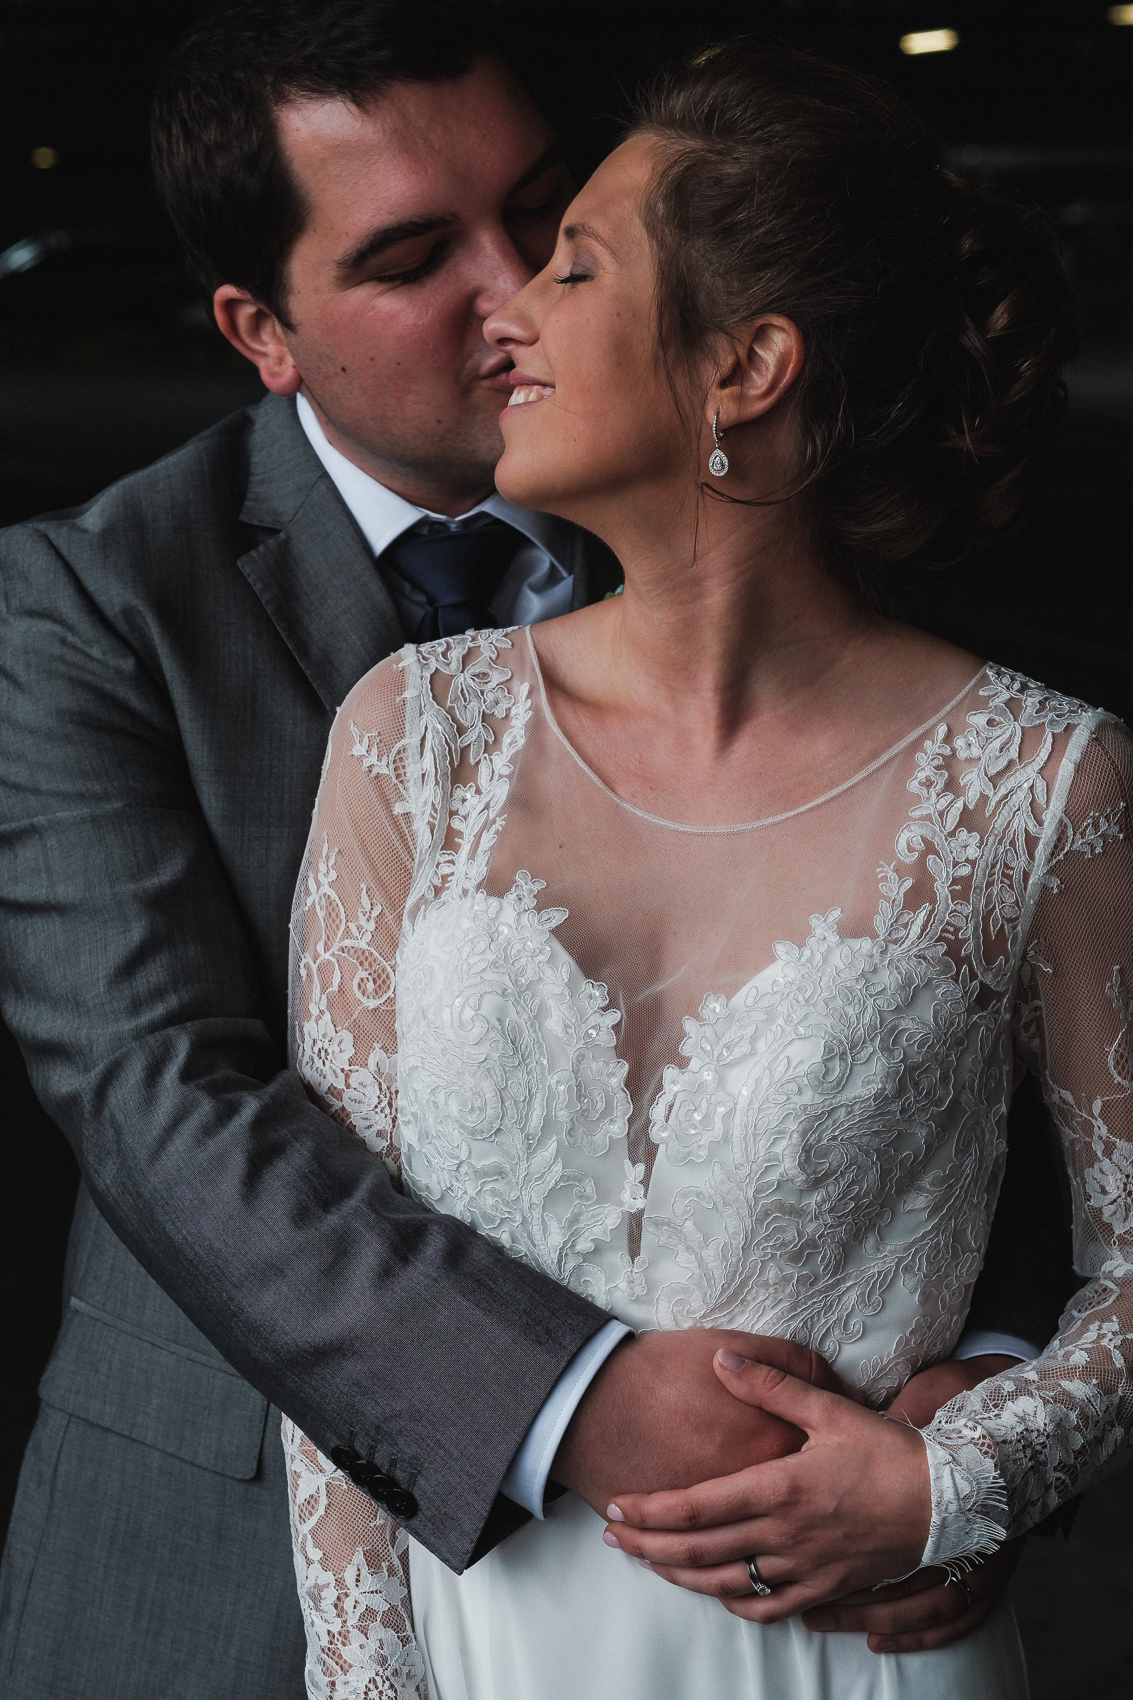 iso800 - huwelijksfotograaf Laura en Gijs Antwerpen-30.jpg